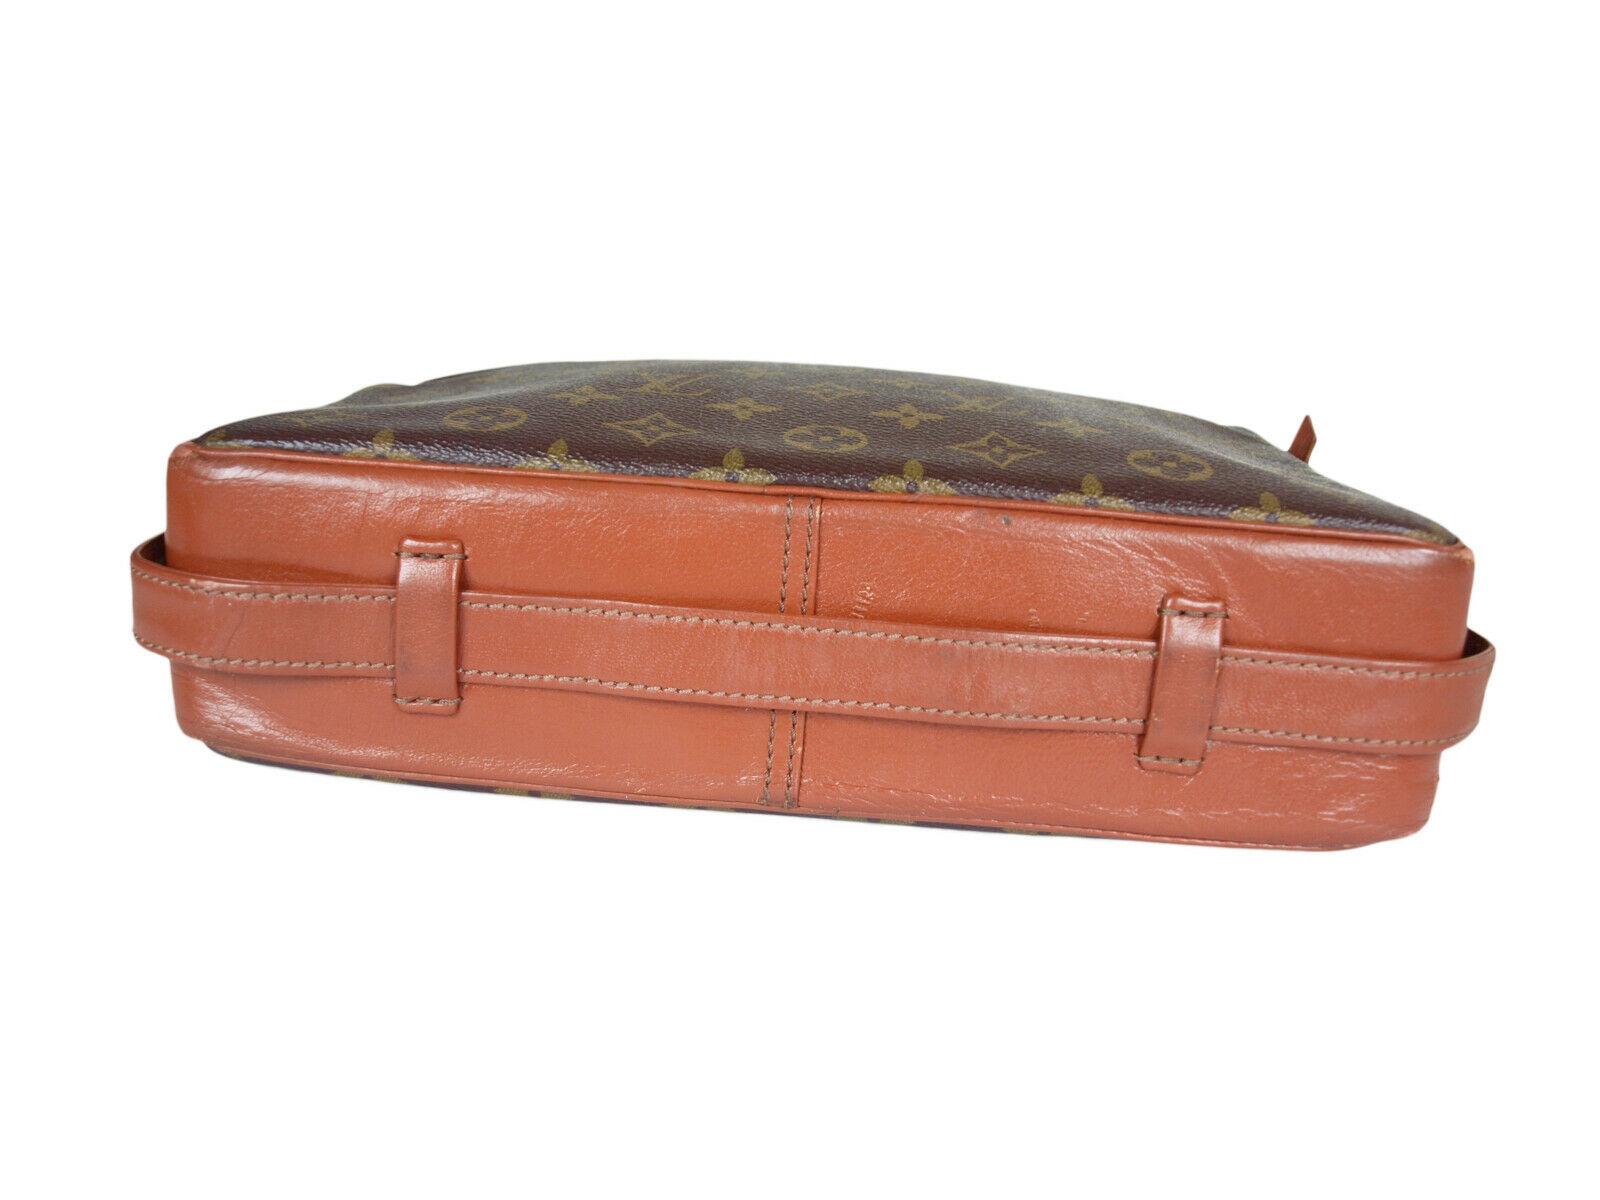 Auth LOUIS VUITTON Sac Bandouliere Monogram Canvas Cross-Body Shoulder Bag